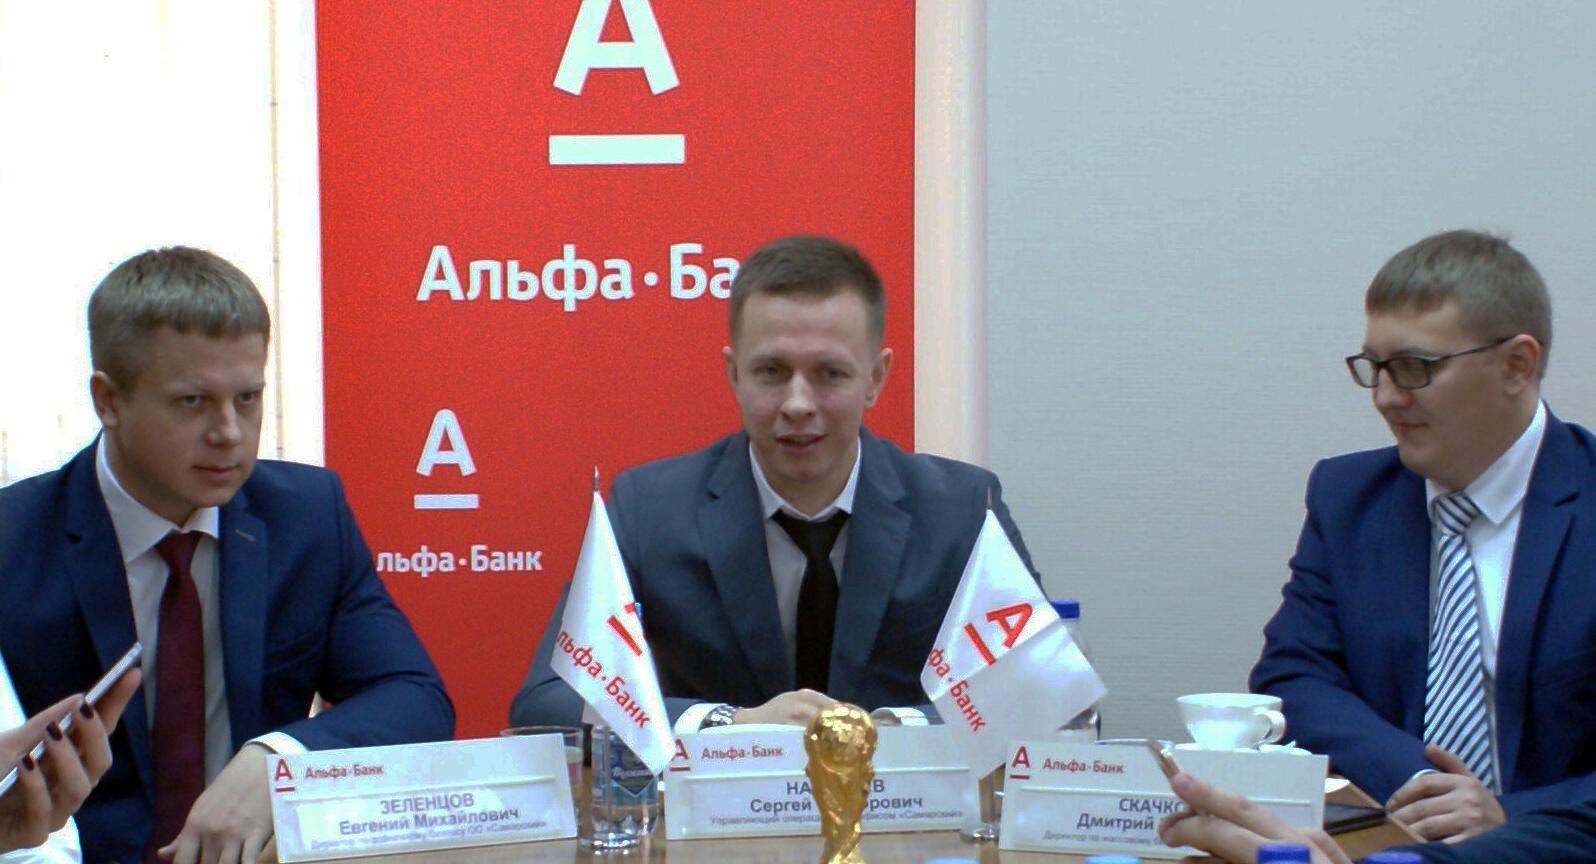 «Альфа-Банк» в Самаре завершает 2017 год с более чем 1 млрд рублей чистой прибыли